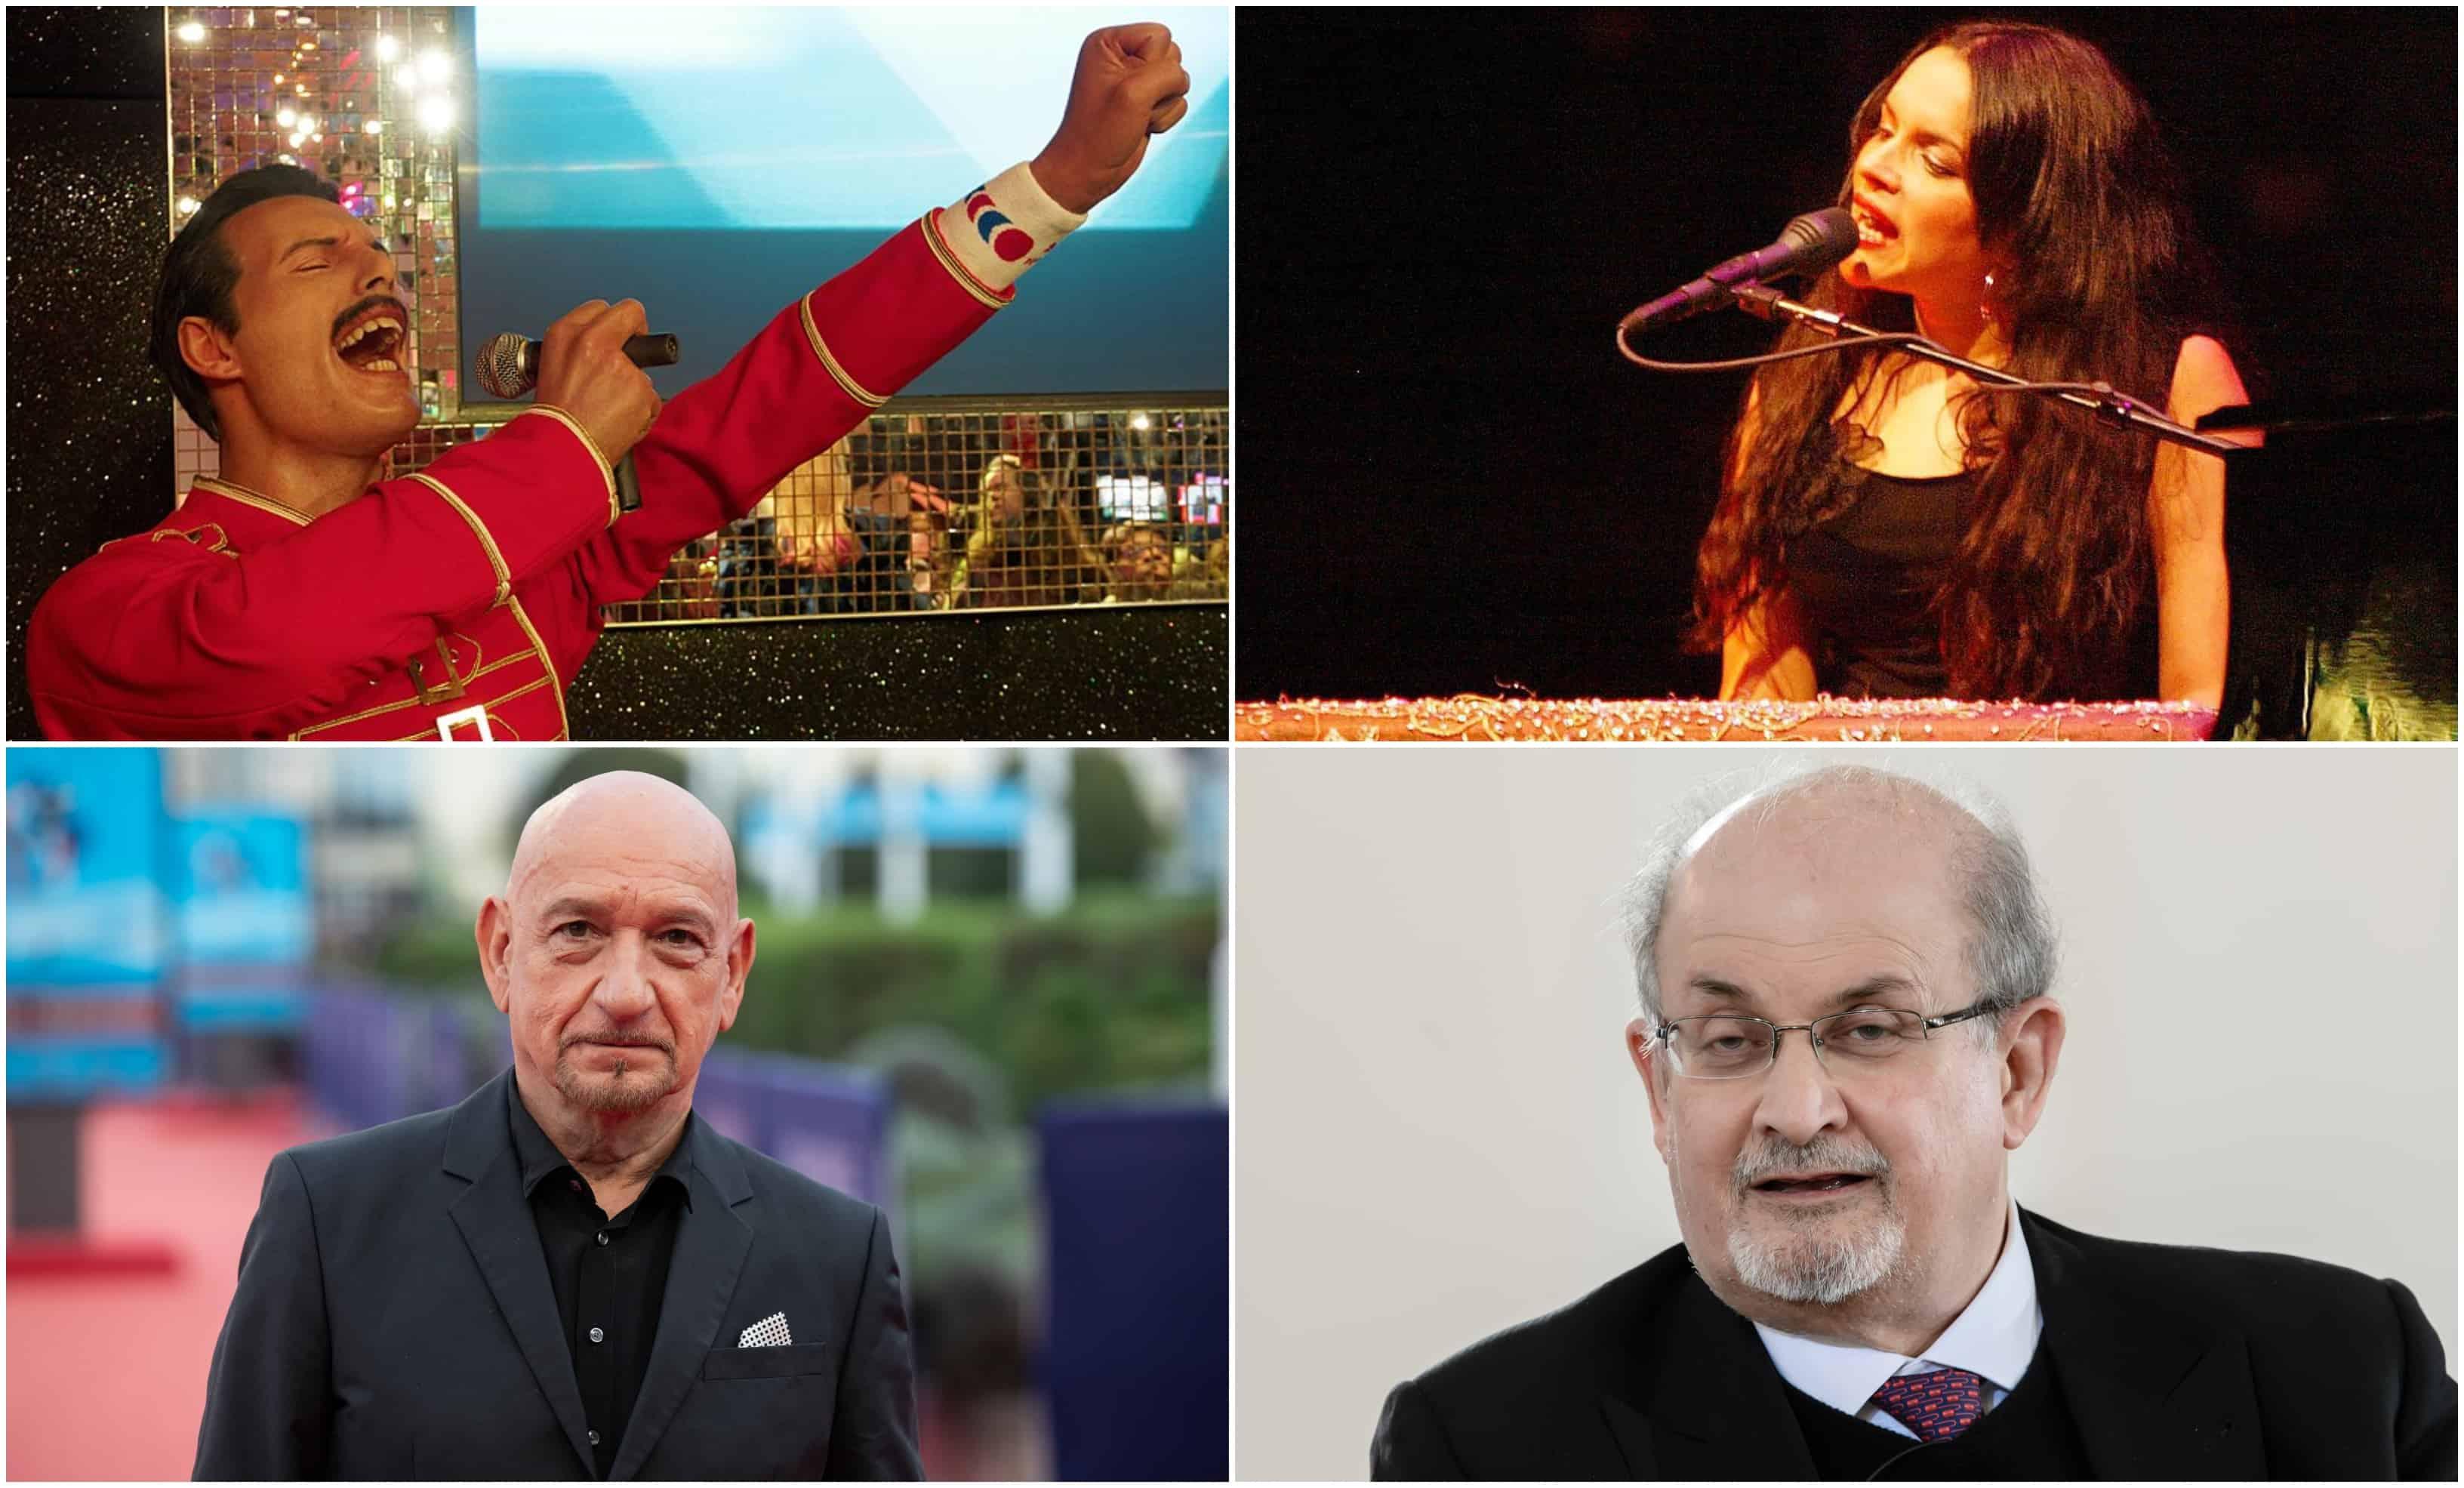 Een collage toont Freddy Mercury en Norah Jones bovenaan, en Ben Kingsley en Salman Rushdie onderaan.